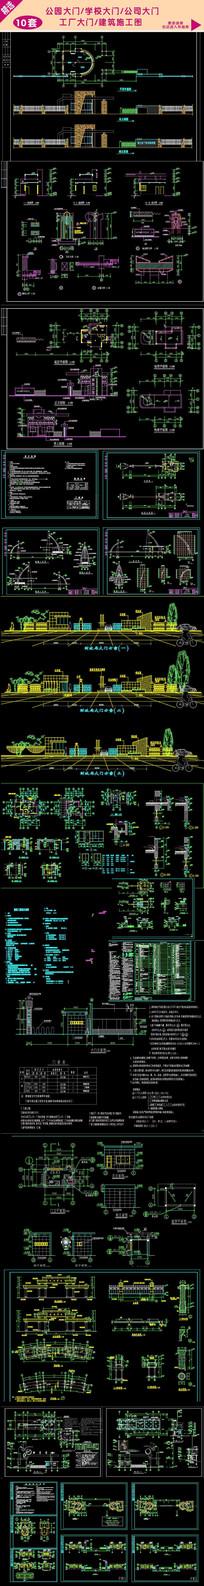 公司大门建筑设计图纸 dwg